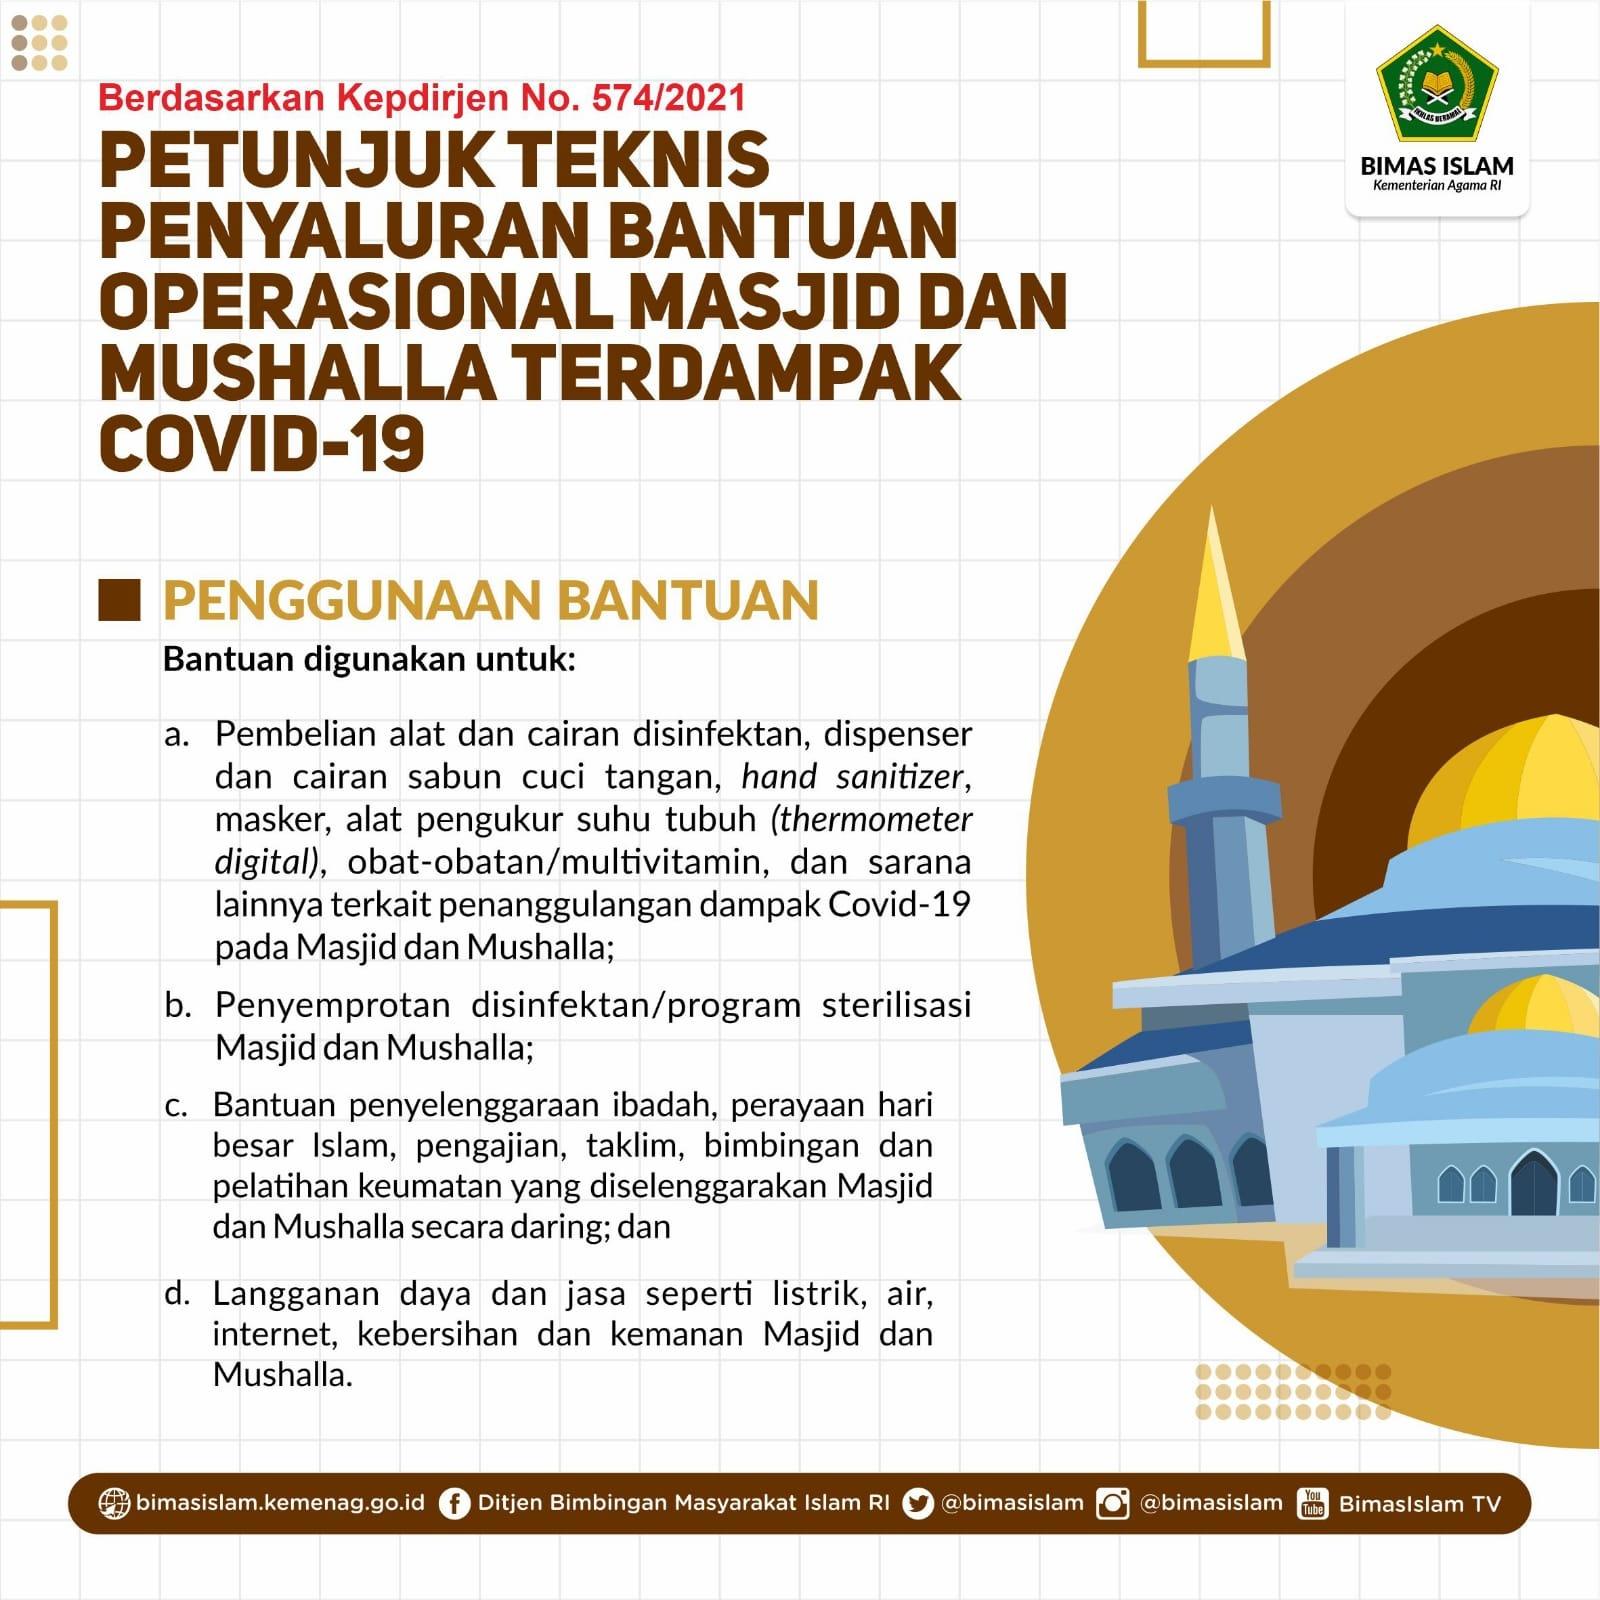 Syarat Masjid Musala Dapatkan Bantuan Bimas Islam 2